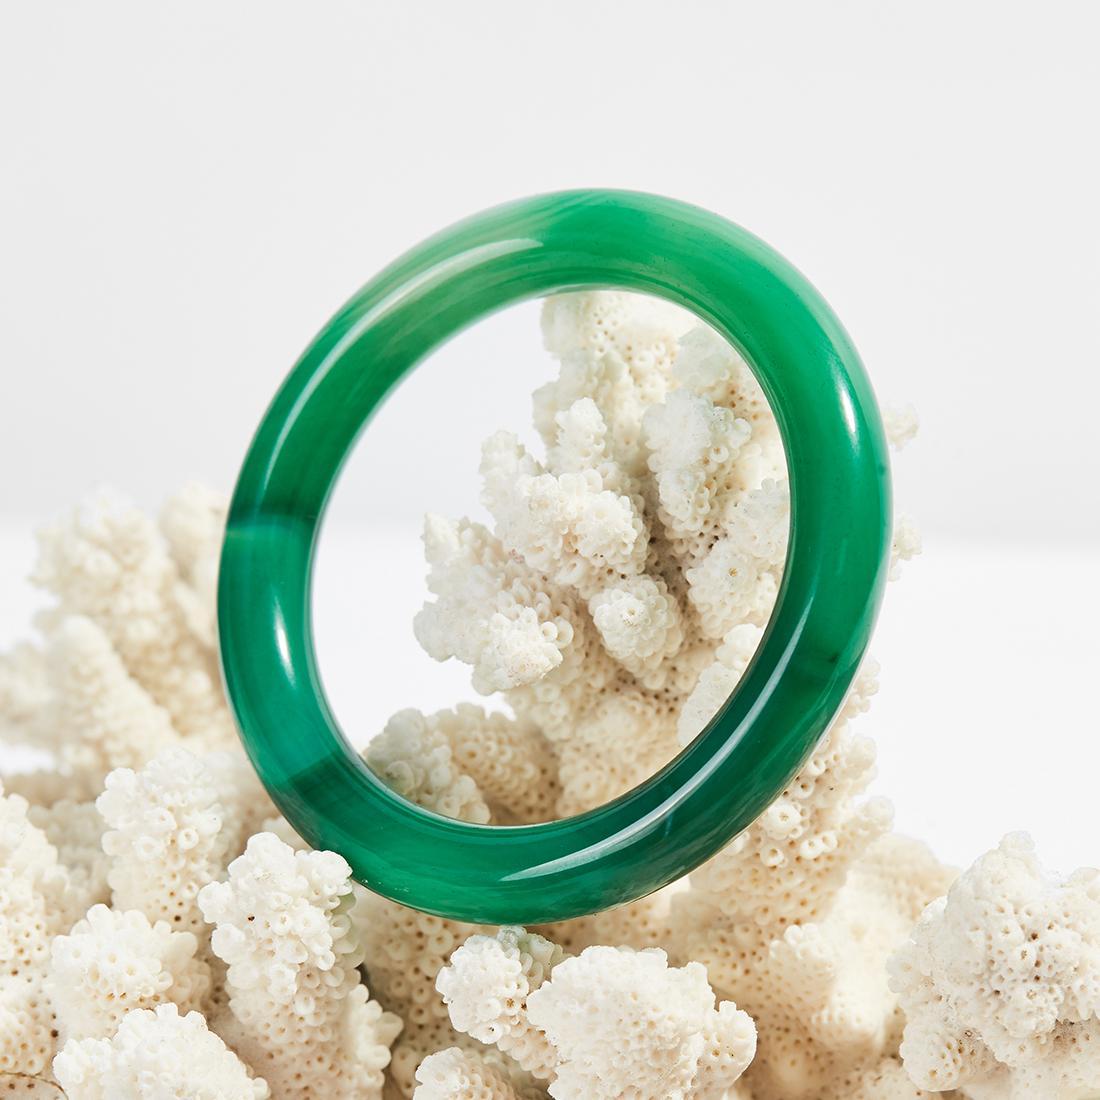 Vòng tay đá mã não xanh, bản tròn dành cho nữ - xưởng buôn đá phong thủy Huỳnh Đào